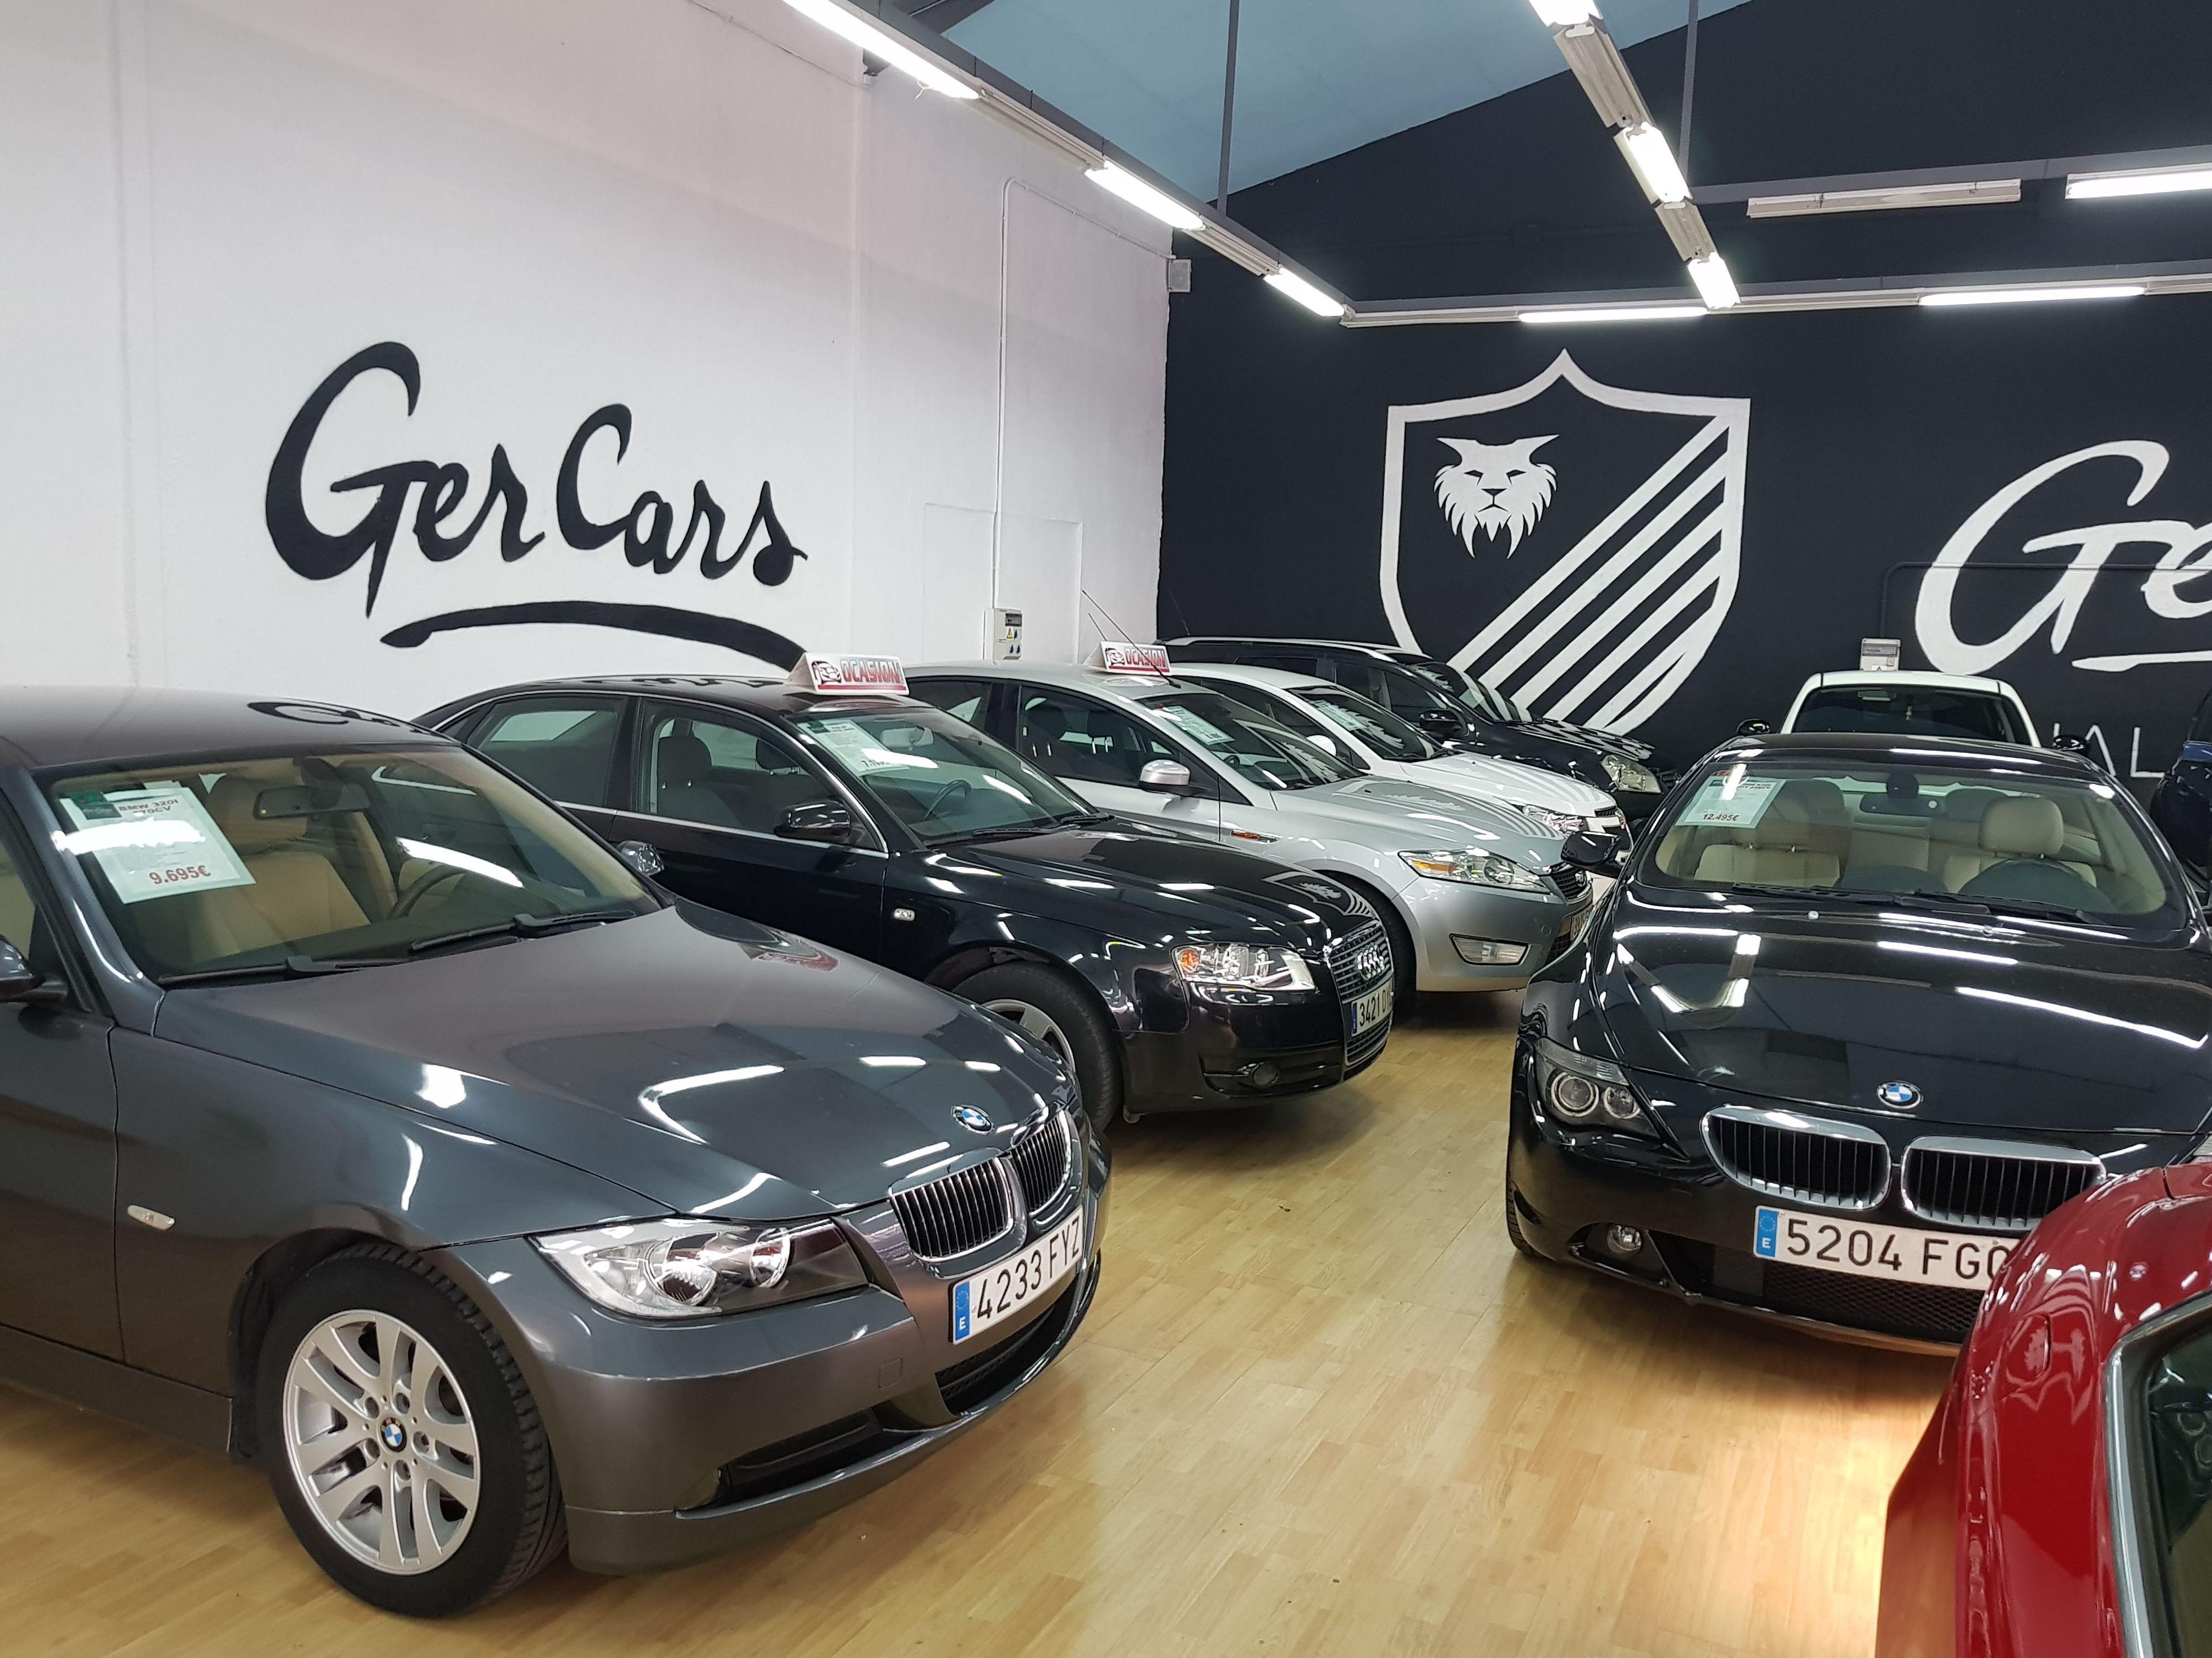 Foto 6 de Compraventa de automóviles en Humanes de Madrid | Gercars